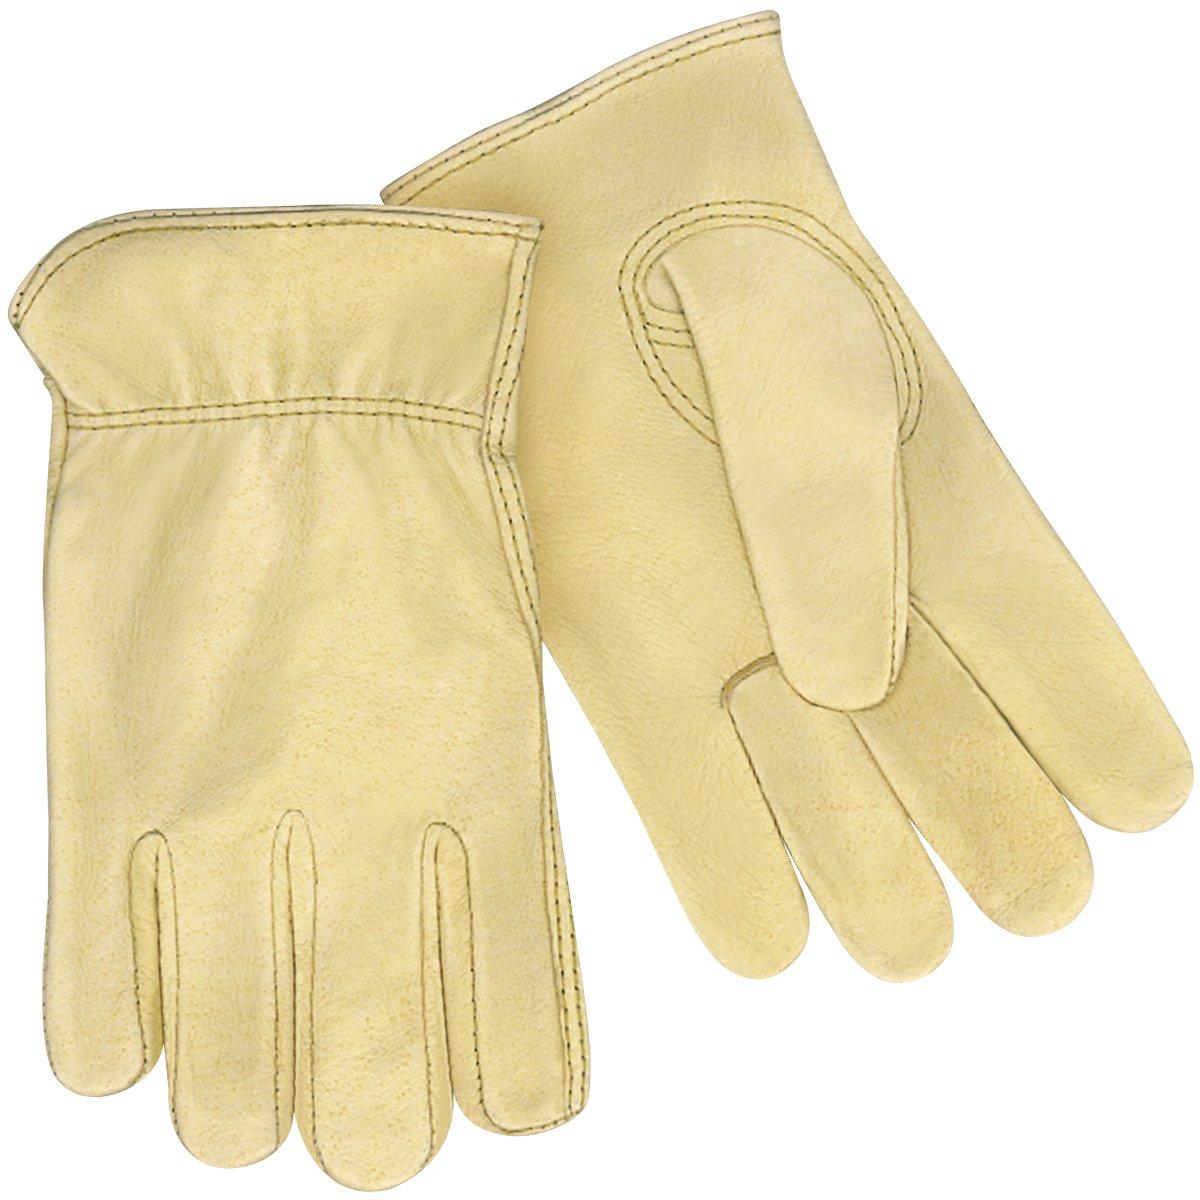 Steiner P241-M Drivers Gloves, Premium Grain Pigskin, Unlined, Shirred Wrist, Medium (12-Pack)